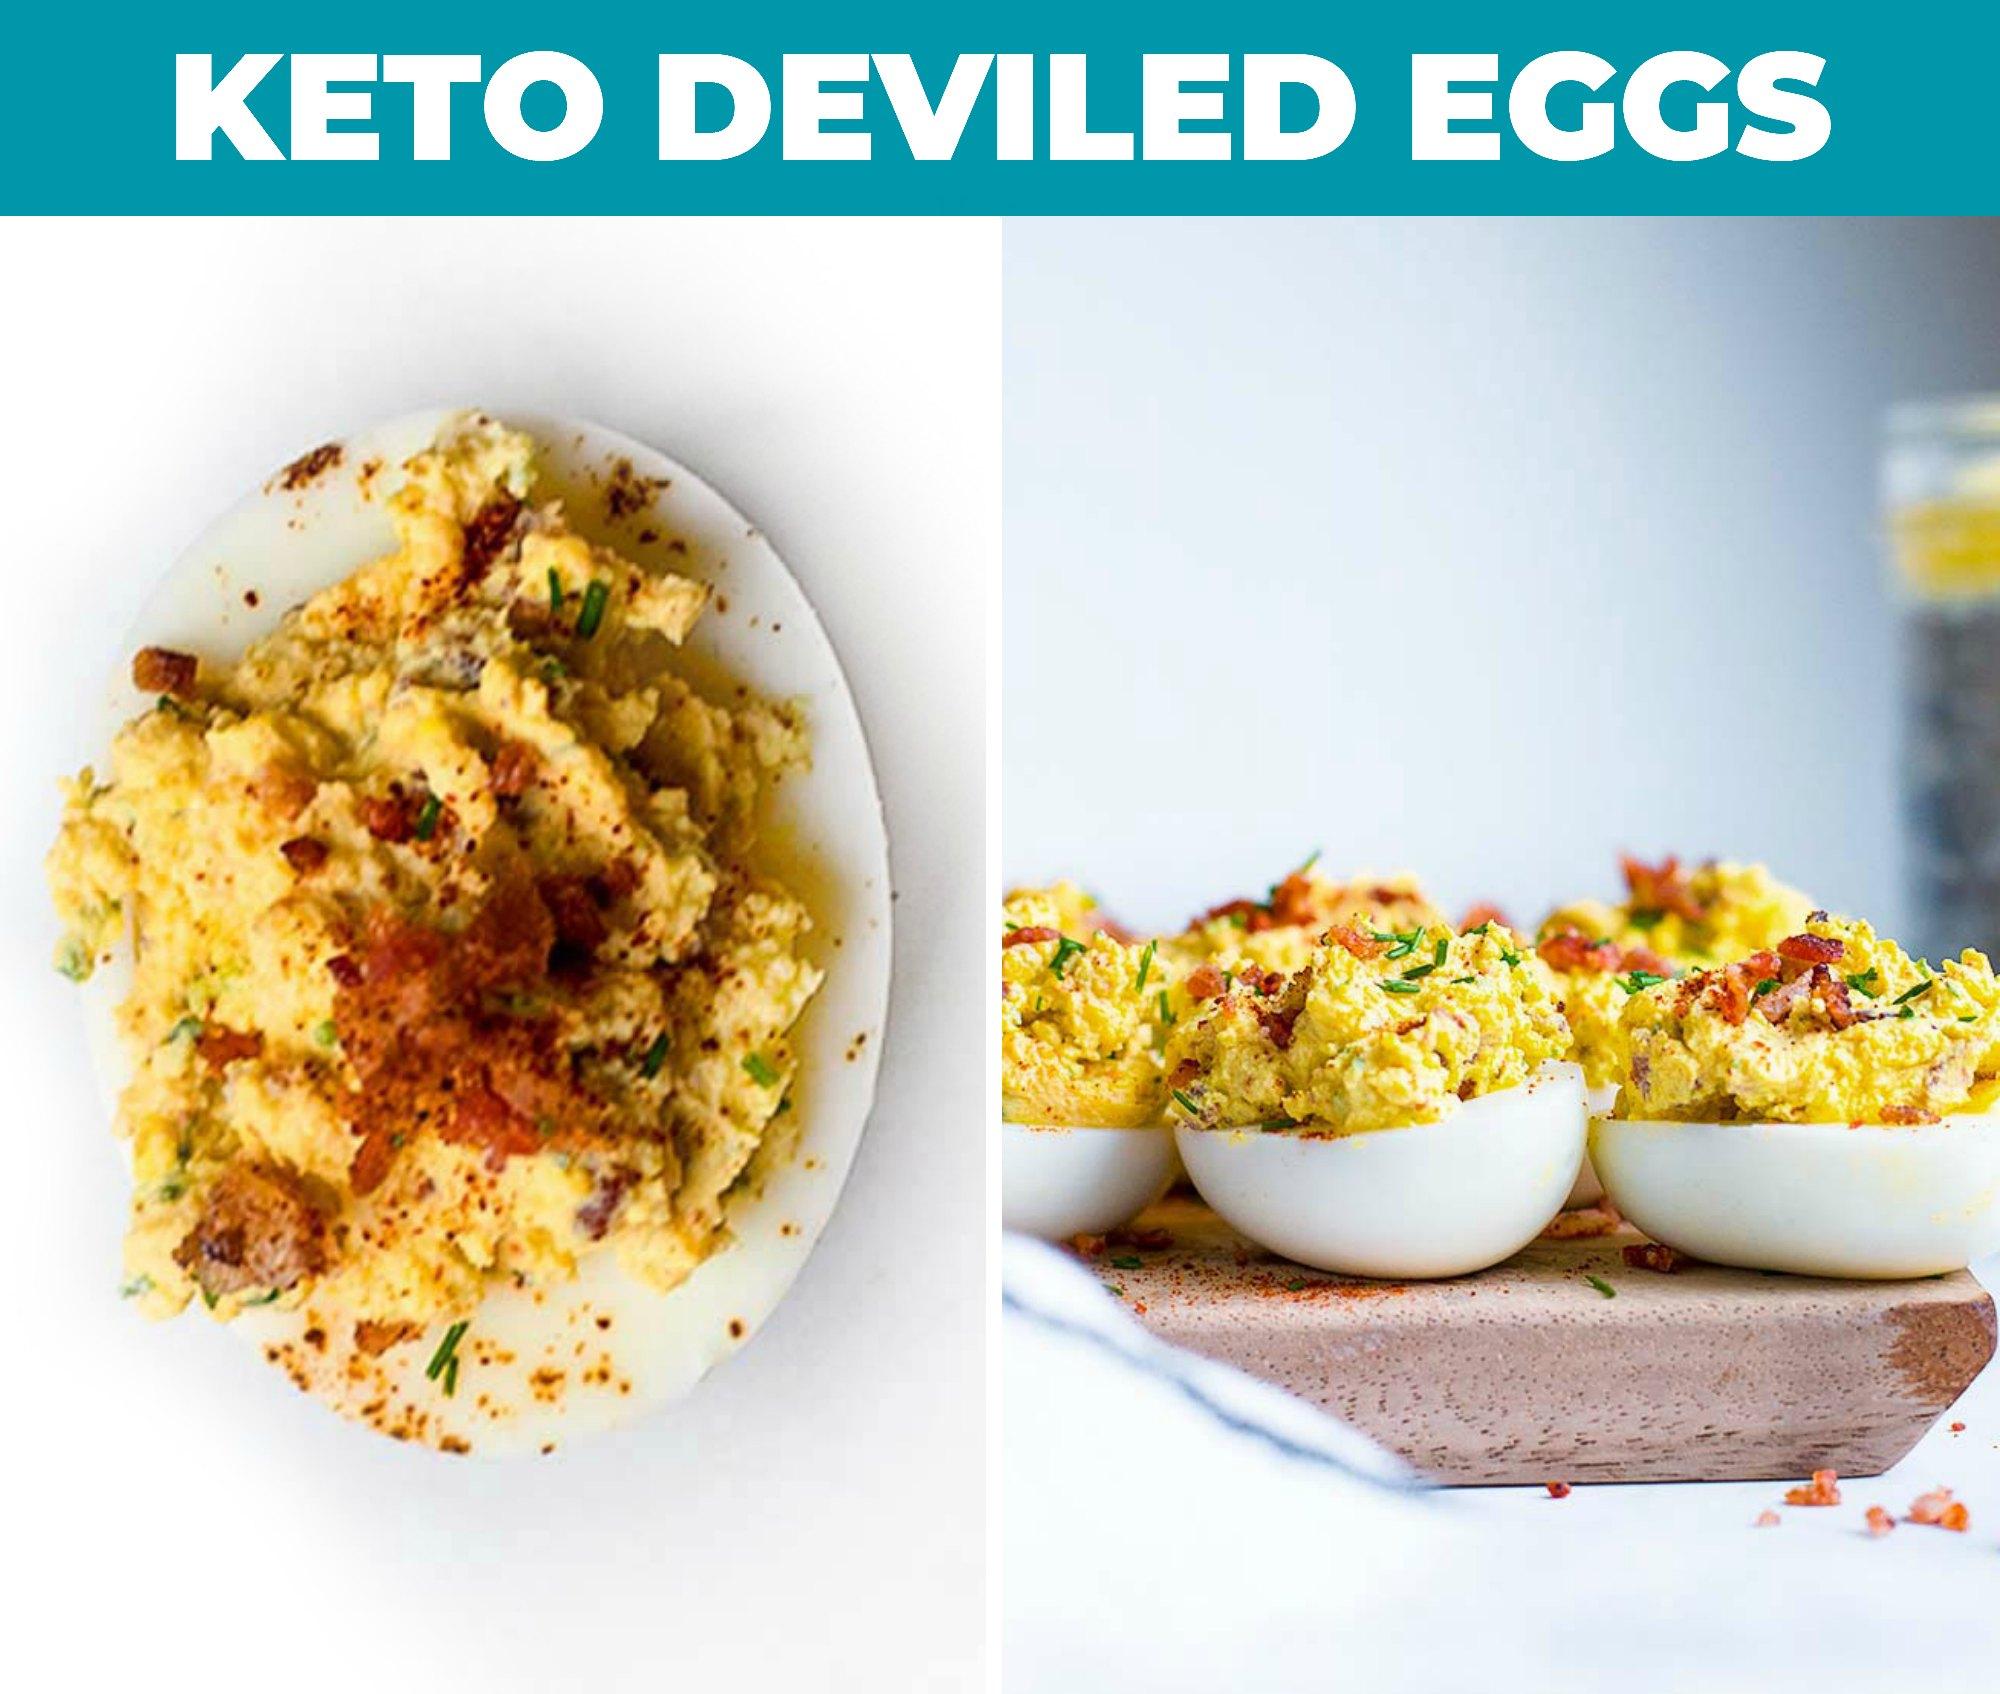 Keto deviled eggs on a cutting board